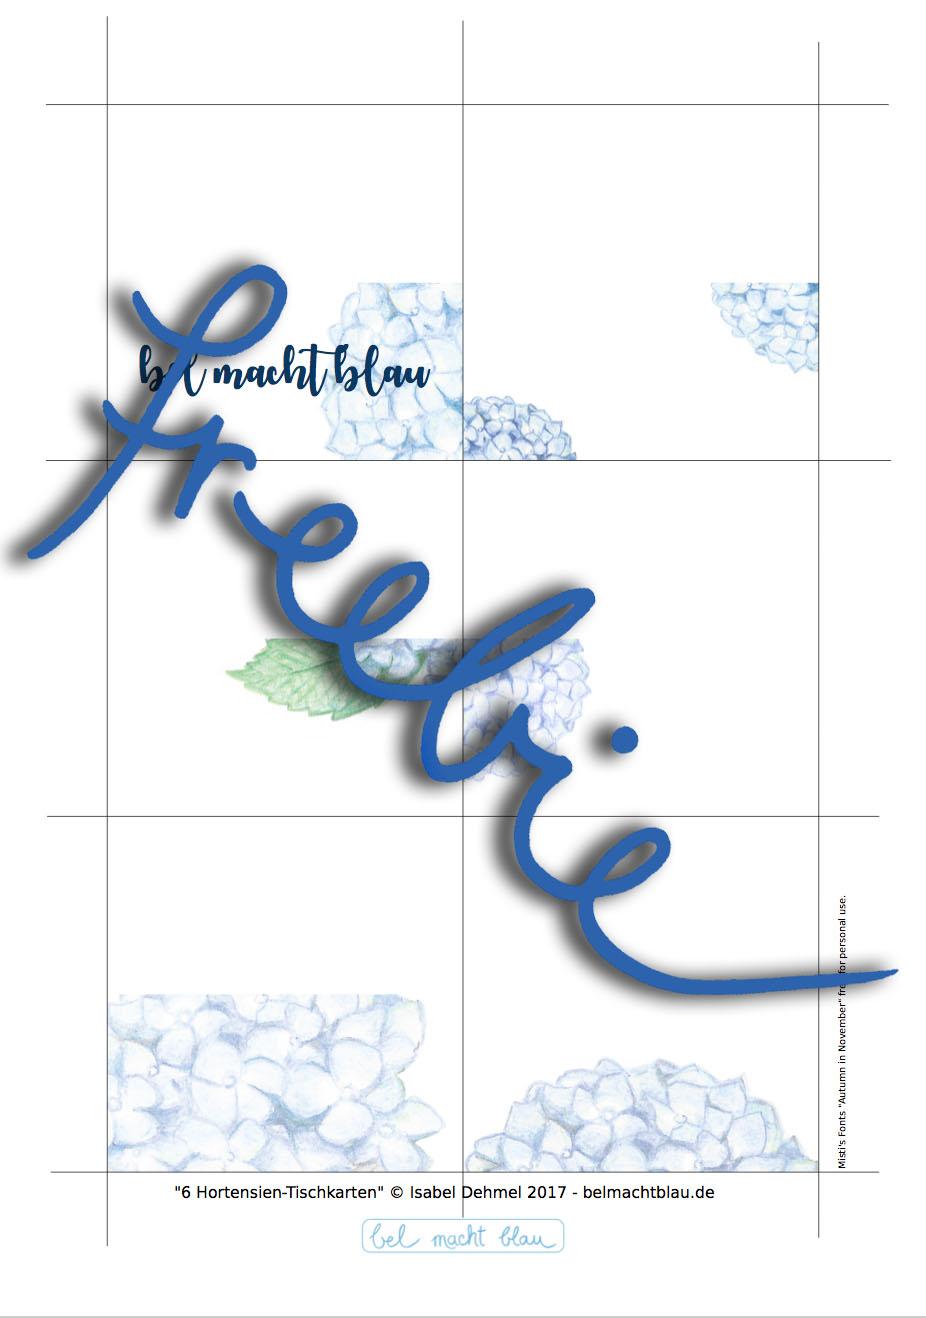 Hortensien-Tischkarten, Namenskarten, Buffetschilder // kostenloses Freebie // Printable // Hochzeits-Papeterie